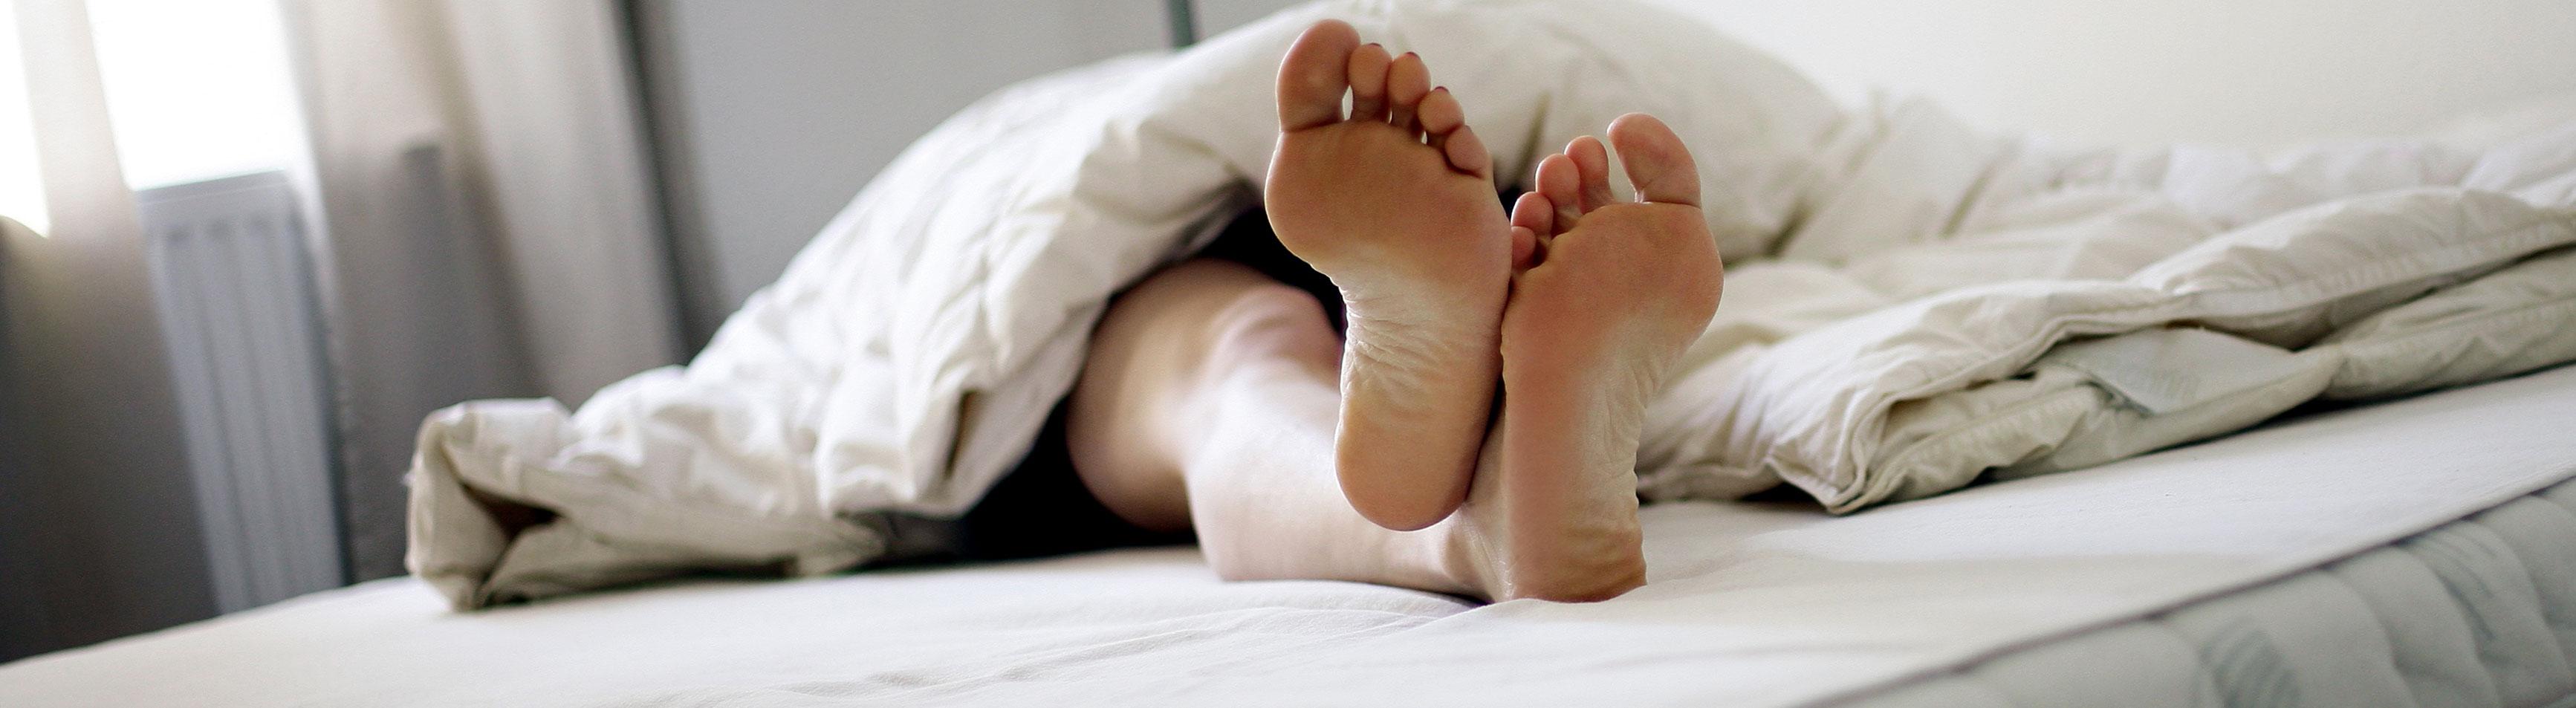 Eine Person liegt auf einer Matratze. Die Füße lugen unter der Bettdecke hervor.